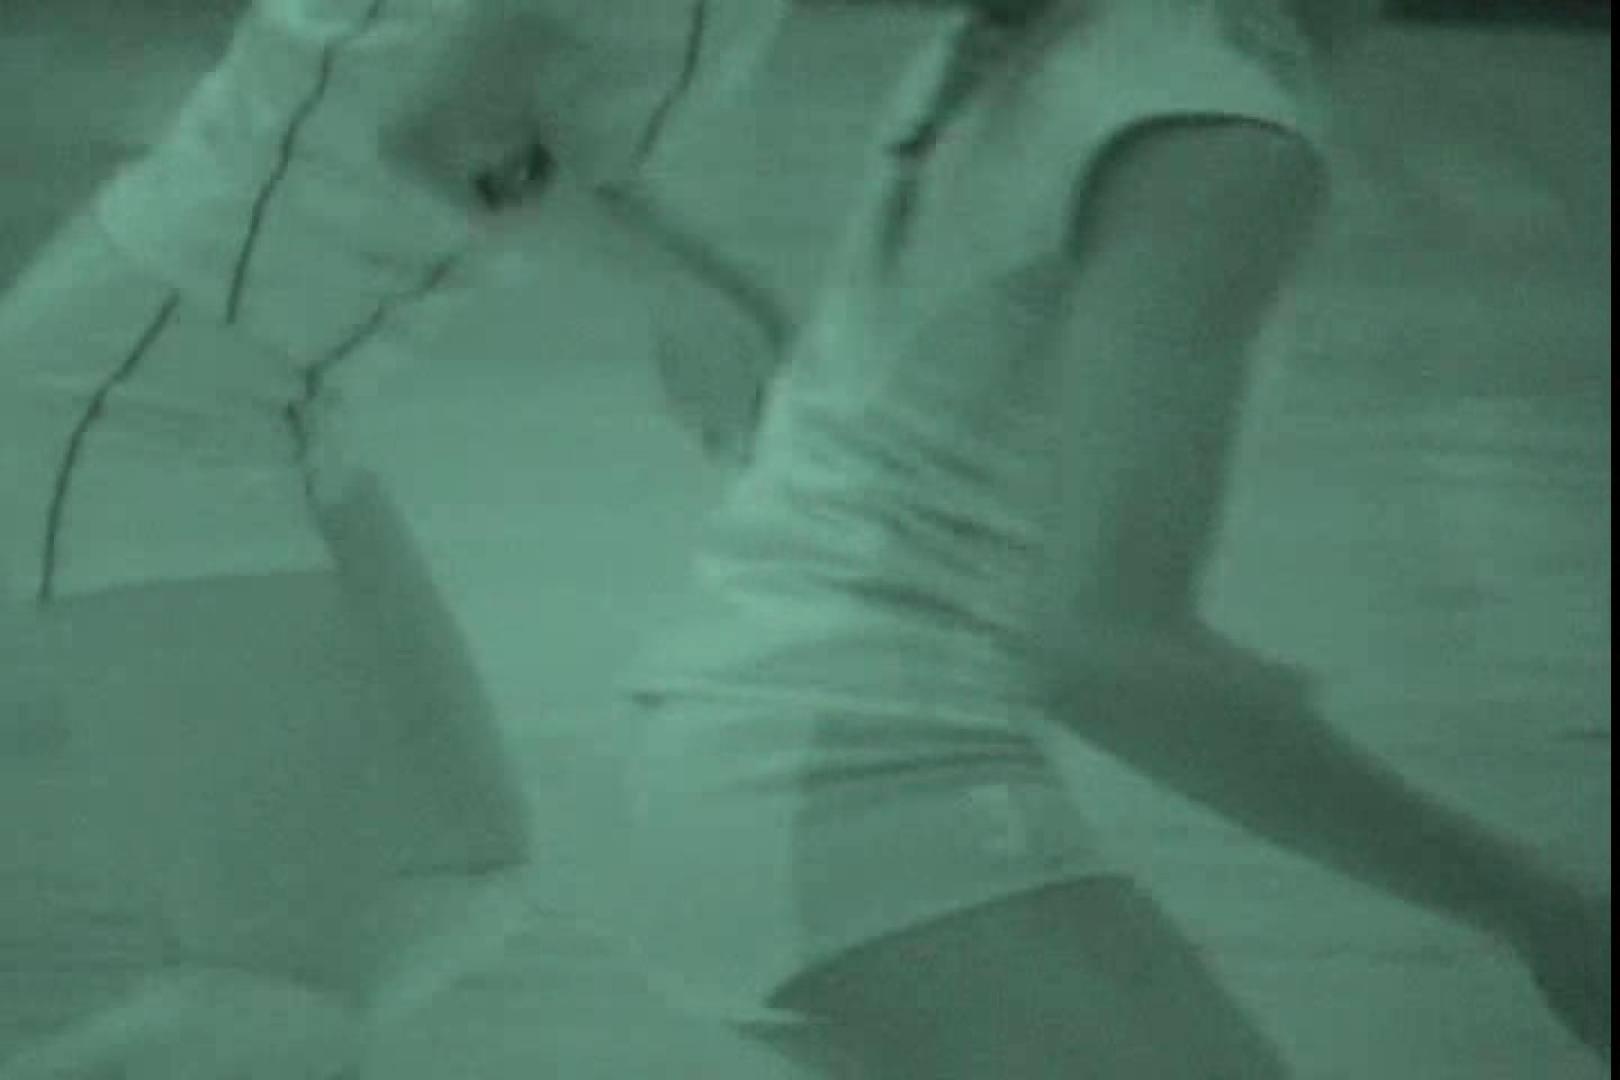 赤外線ムレスケバレー(汗) vol.04 赤外線 盗撮AV動画キャプチャ 82PICs 23